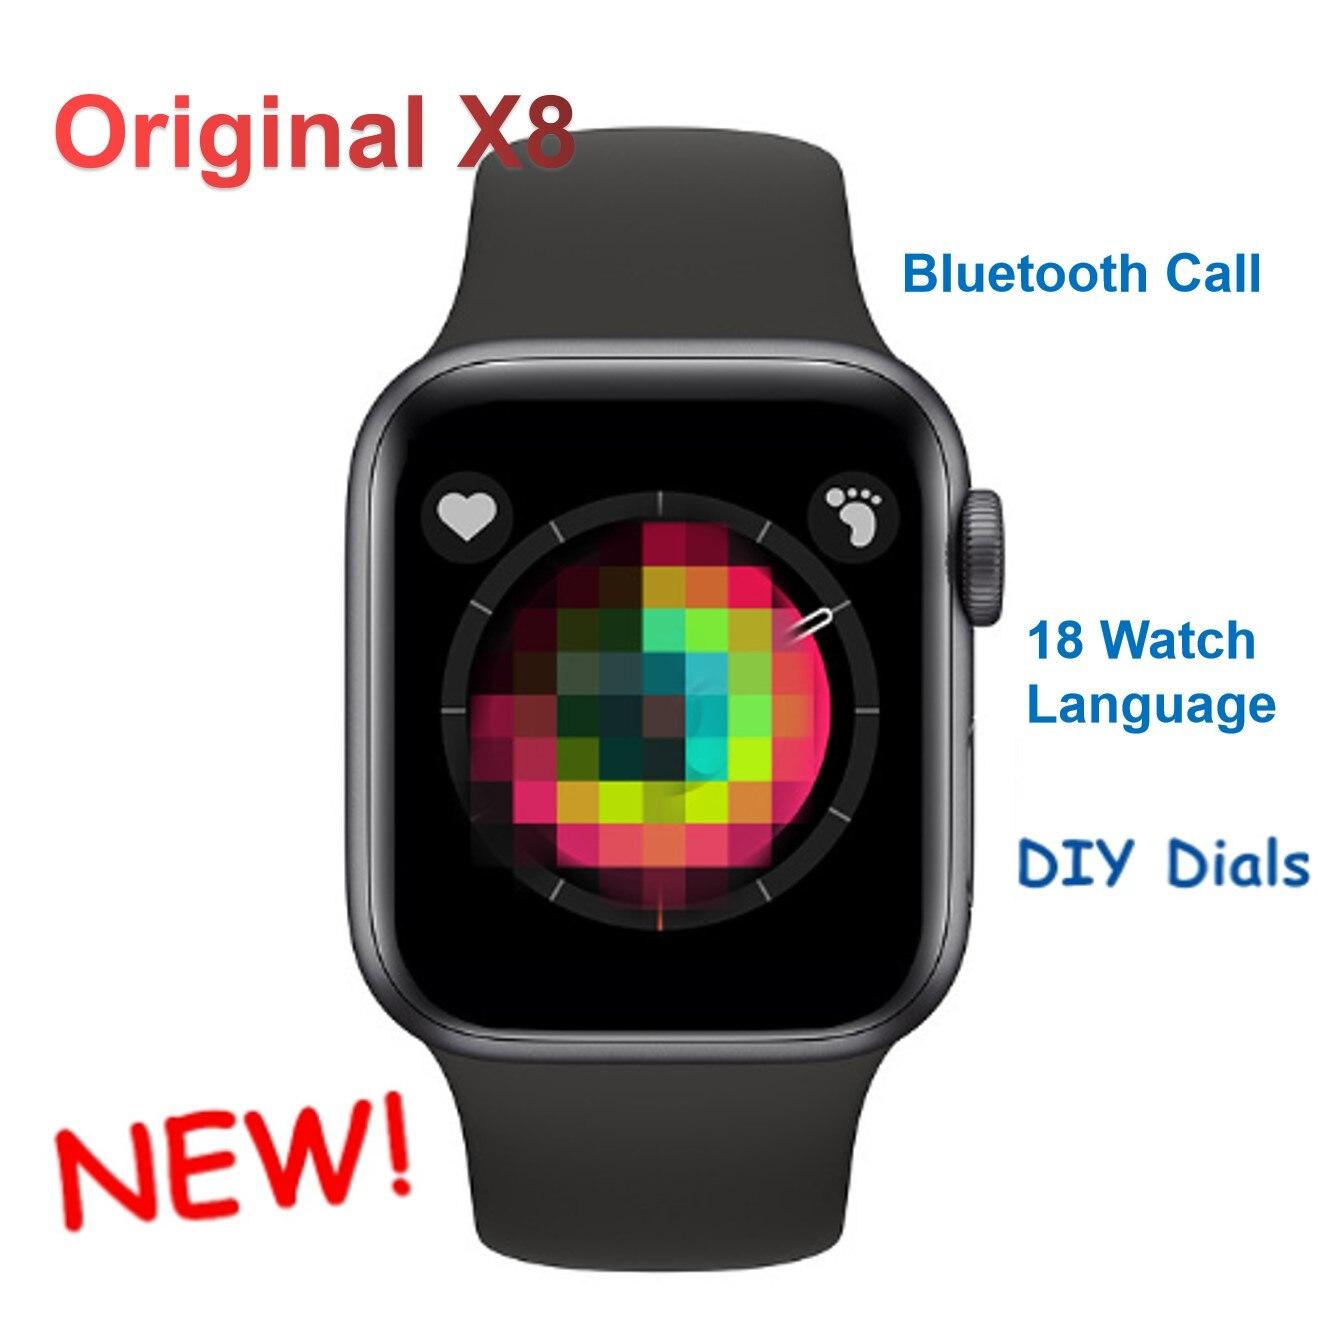 Смарт-часы IWO 11 X8 X6 для мужчин и женщин, поддержка Bluetooth, пульсометр, шагомер, Смарт-часы серии 5 IWO 10